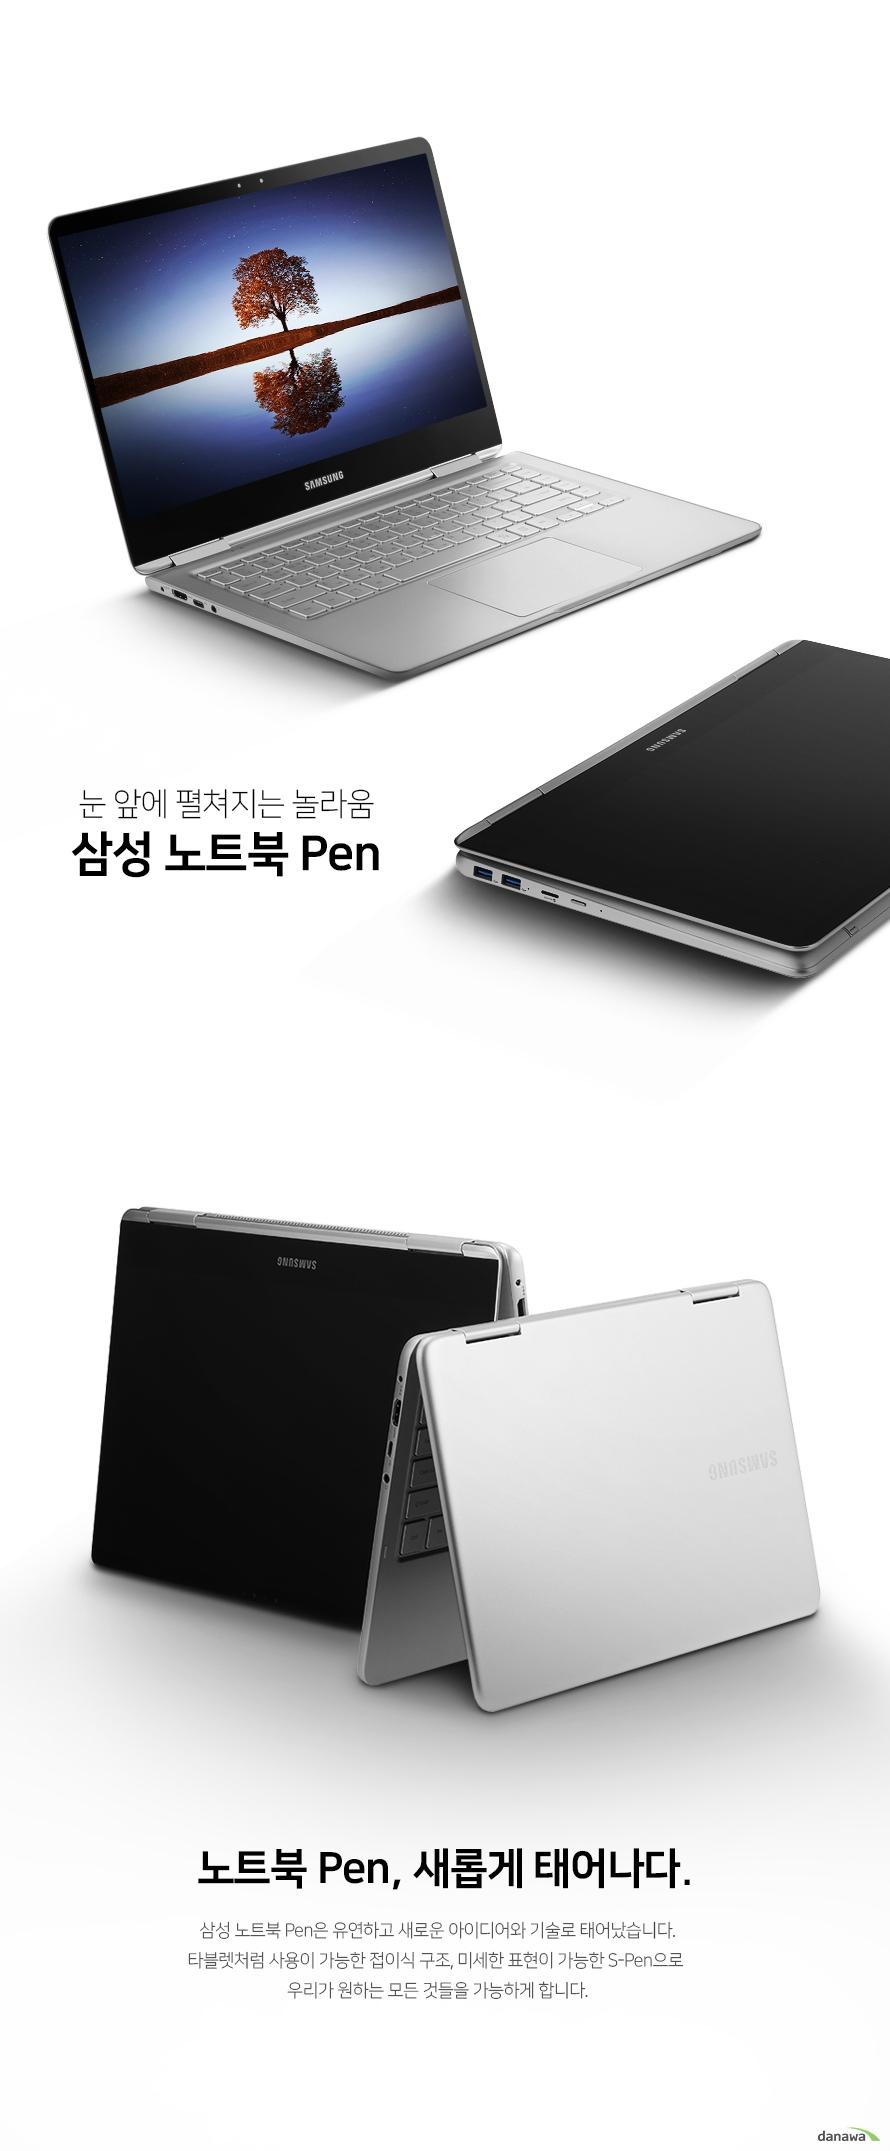 눈 앞에 펼처지는 놀라움  삼성 노트북 펜  노트북 펜 새롭게 태어나다 삼성 노트북 펜은 유연하고 새로운 아이디어와 기술로 태어났습니다. 타블렛처럼 사용이 가능한 접이식 구조와 미세한 표현이 가능한 s 펜으로  우리가 원하는 모든 것들을 가능하게 합니다.